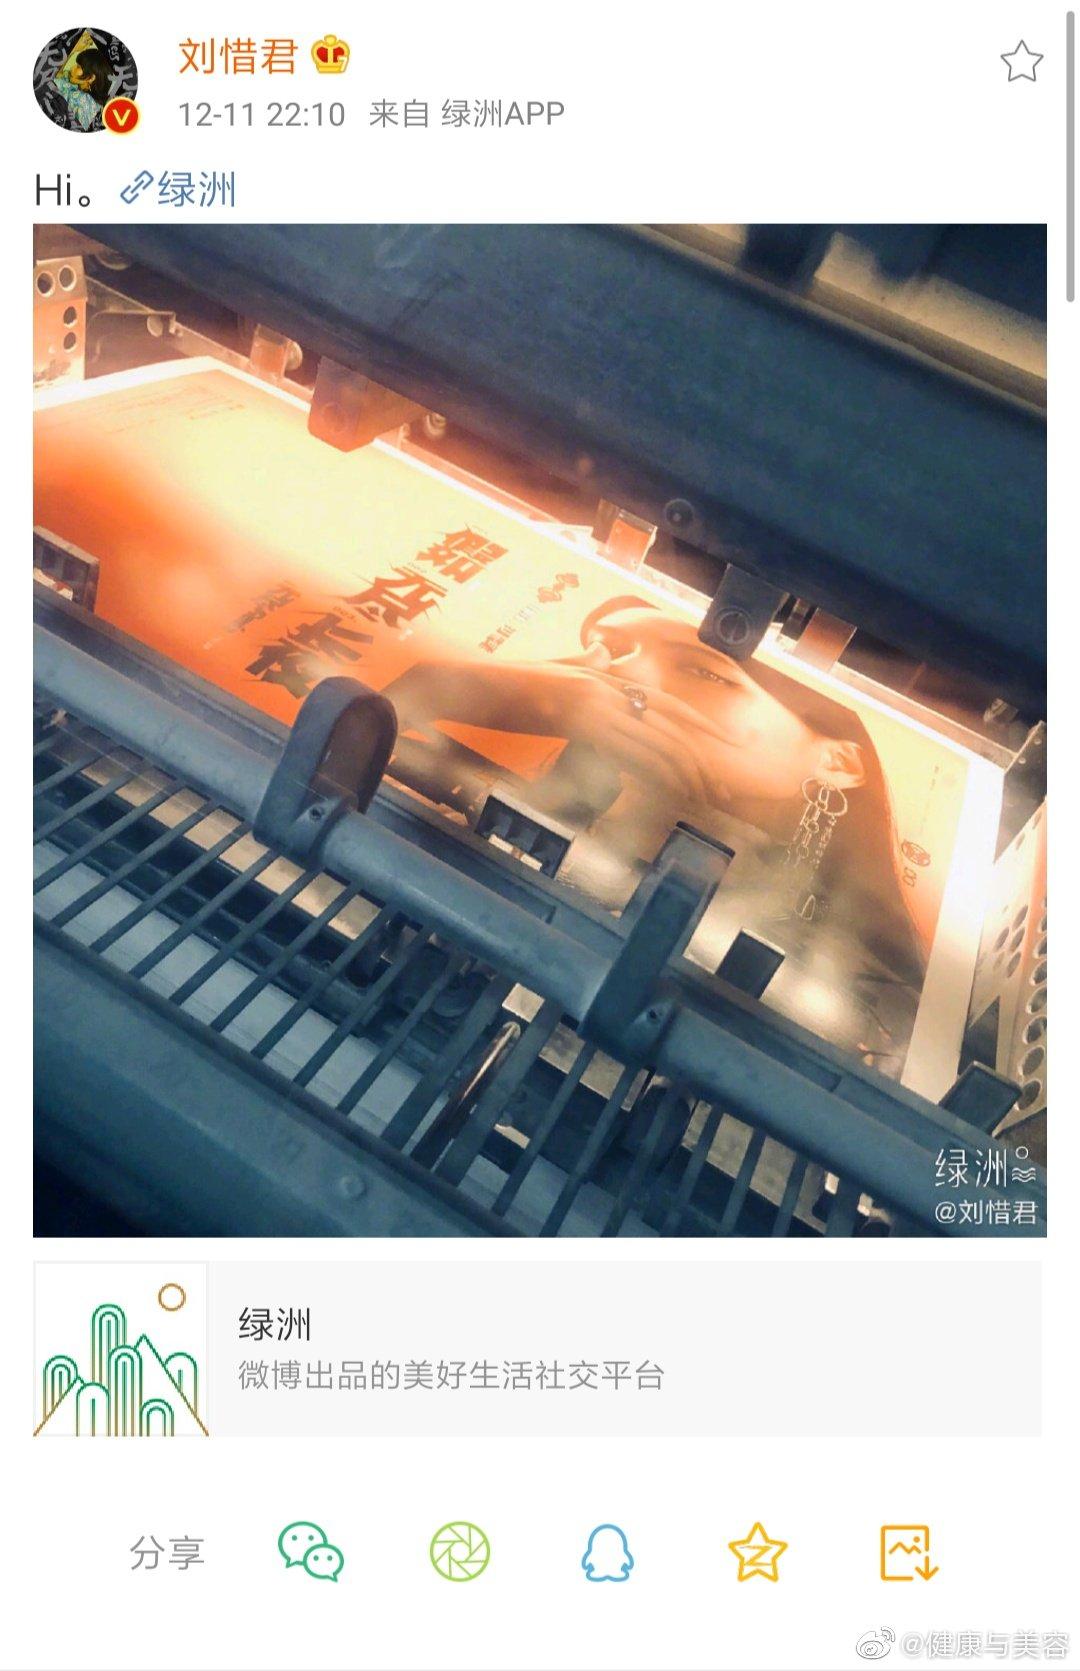 昨夜@刘惜君 发布一条神秘微博